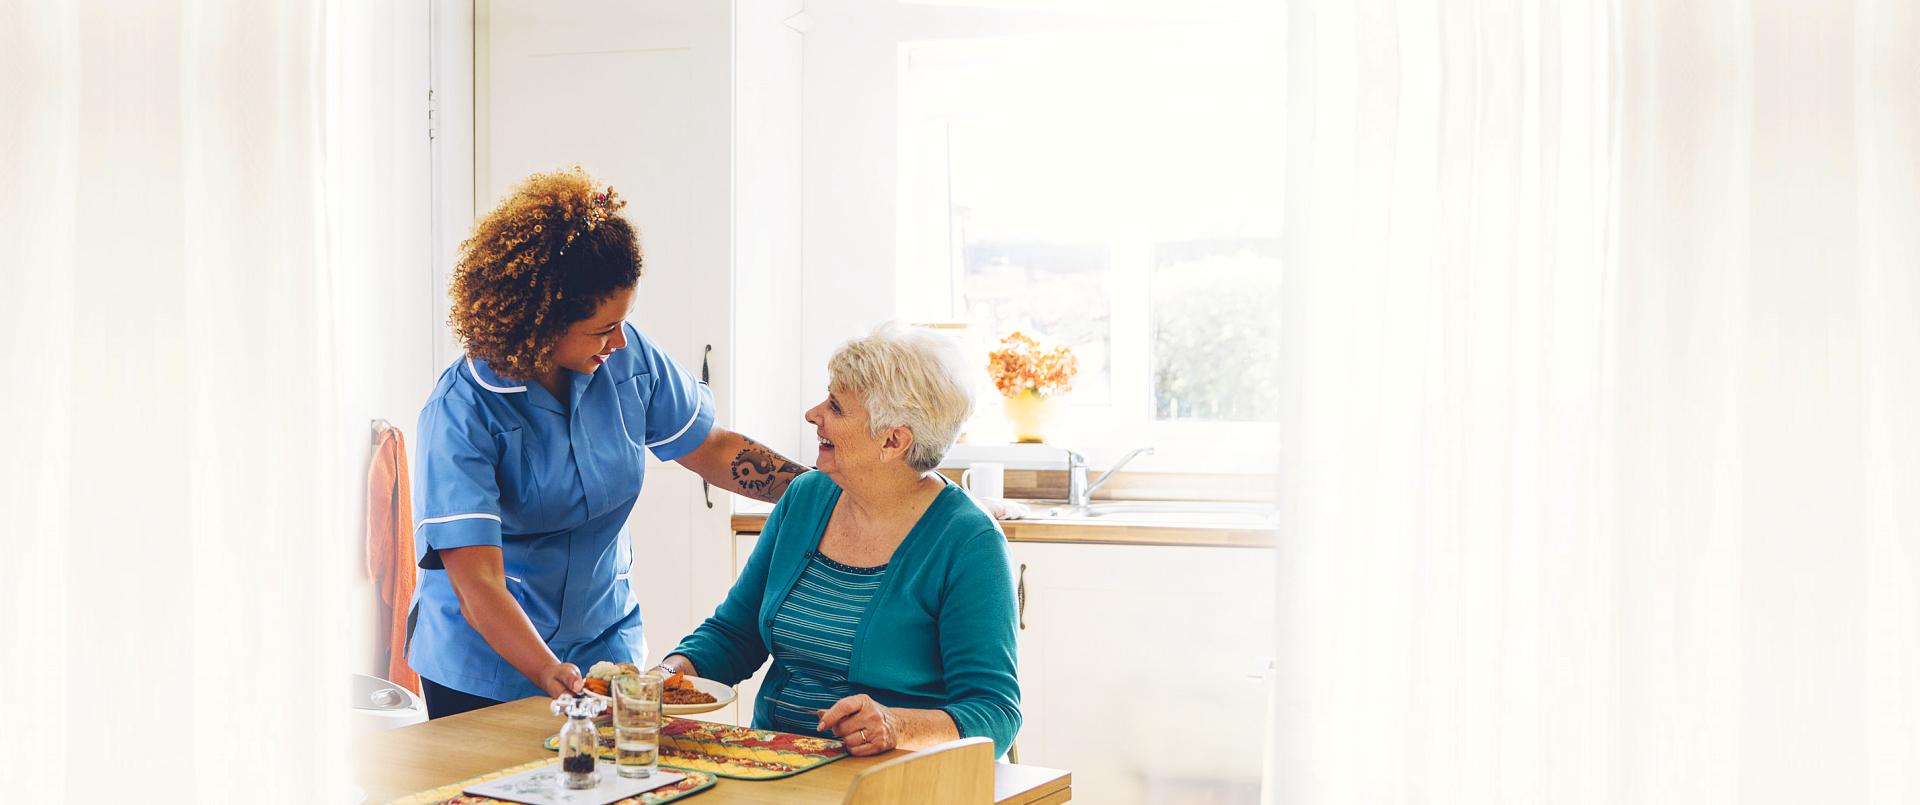 caregiver serving food for elder woman